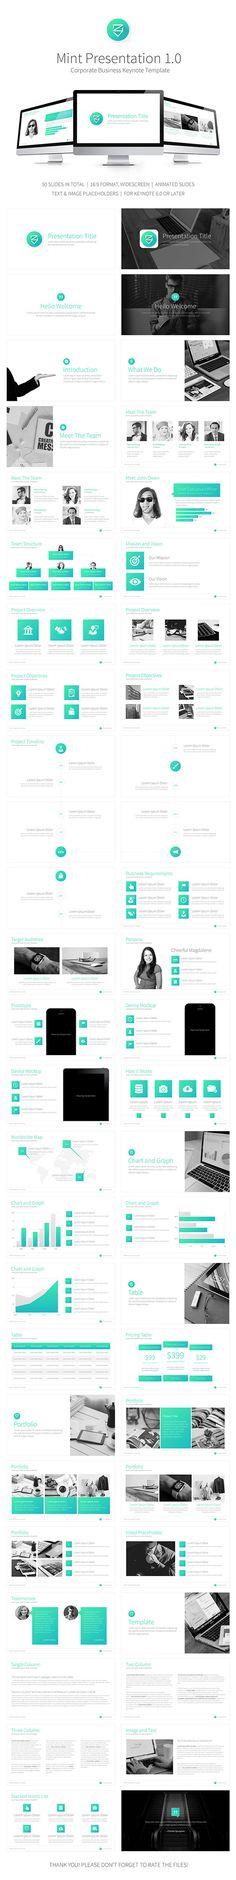 Mint Presentation Keynote Template #design #slides Download: http://graphicriver.net/item/mint-presentation-keynote-template/13269995?ref=ksioks